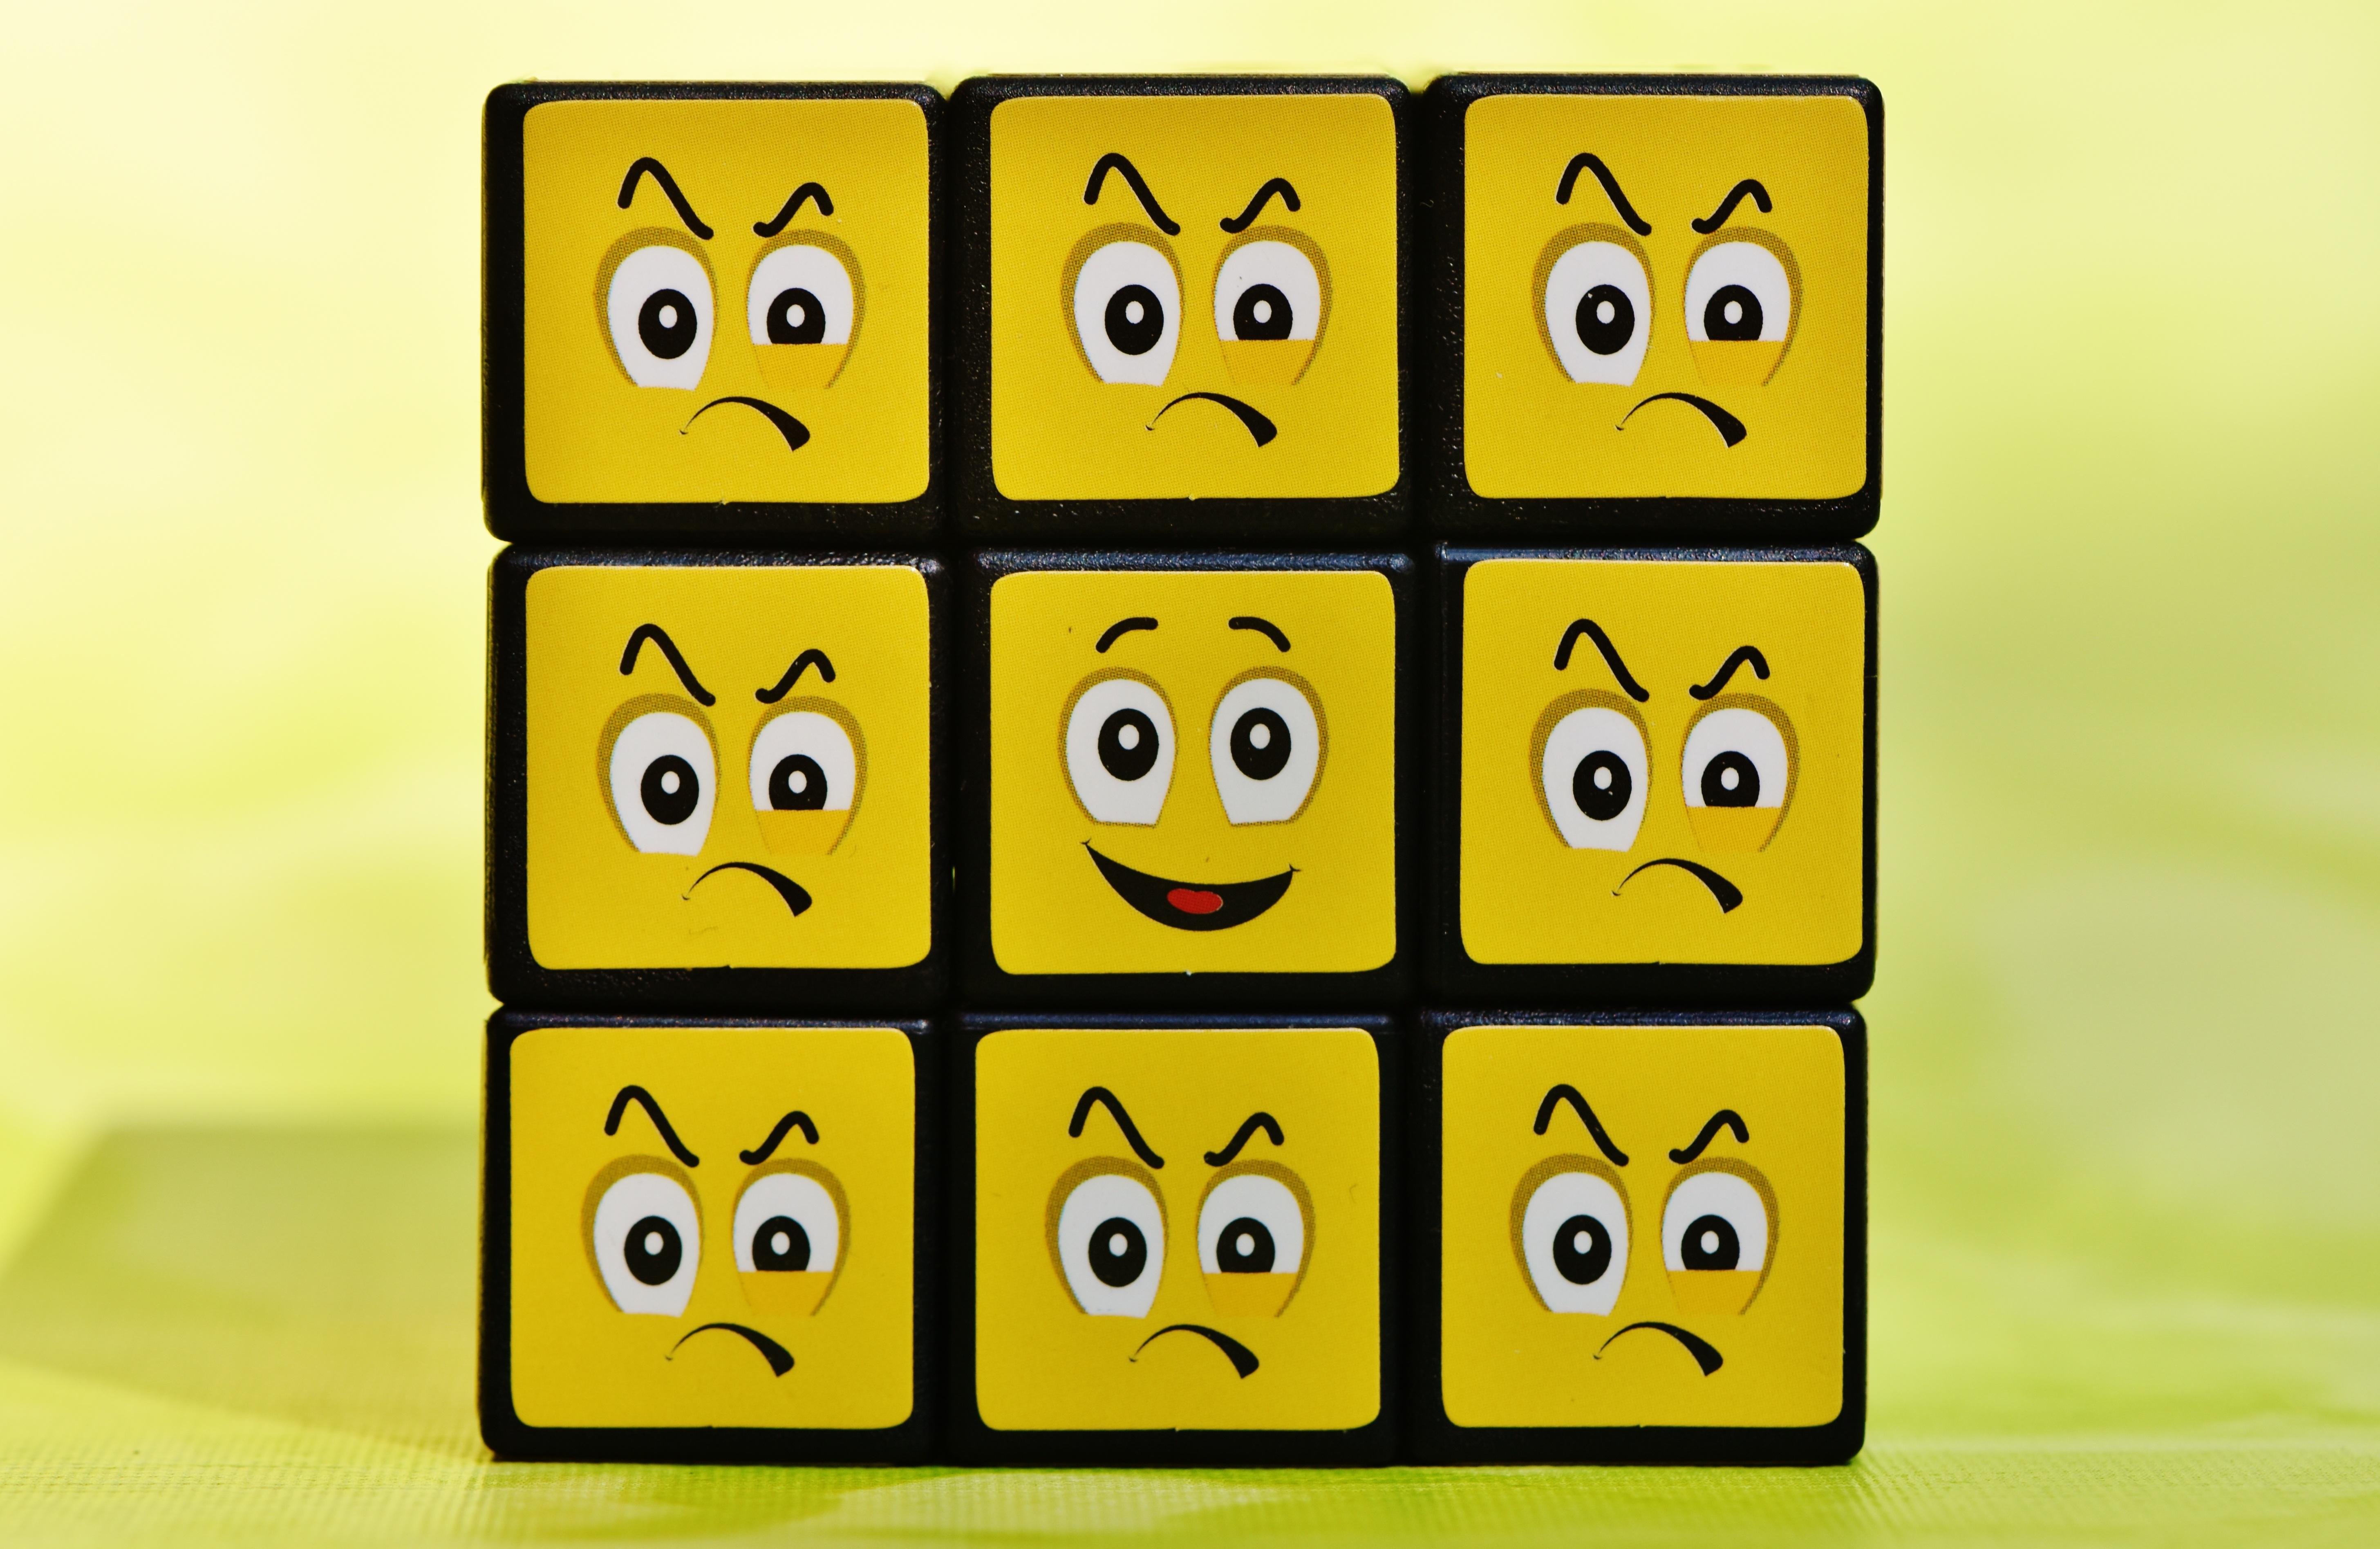 картинки для кубика настроения нее